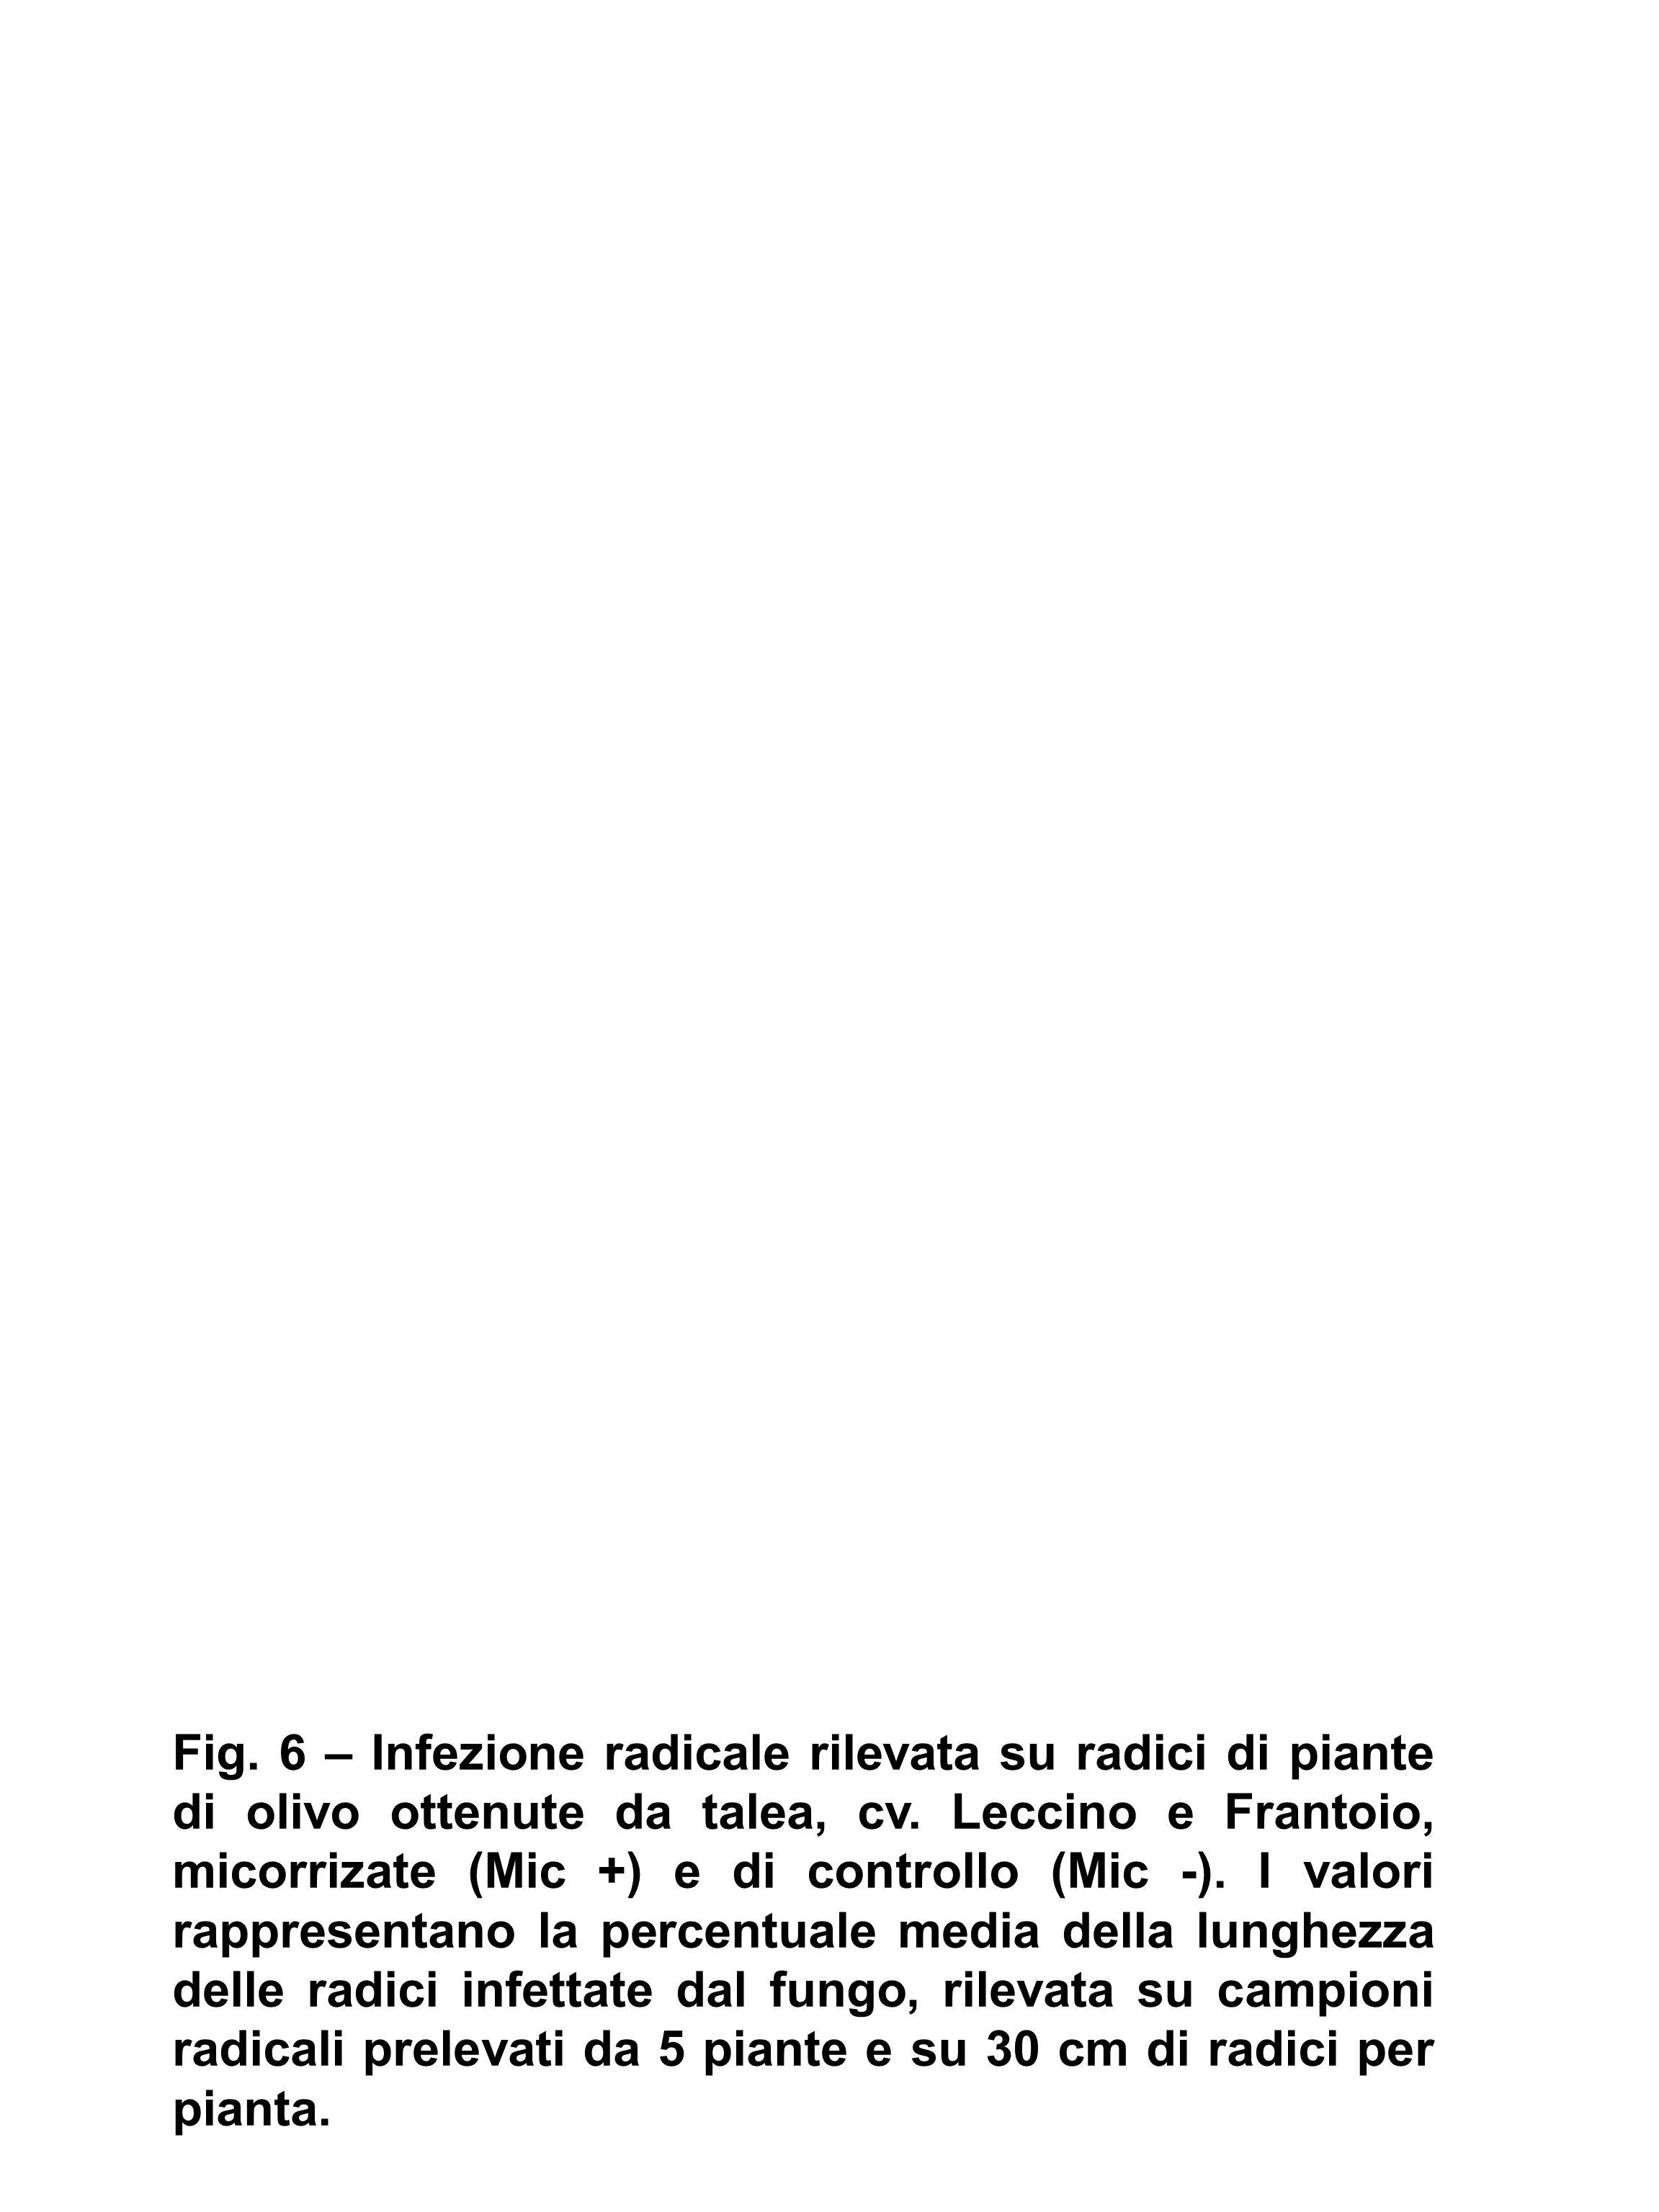 Fig. 6 – Infezione radicale rilevata su radici di piante di olivo ottenute da talea, cv.